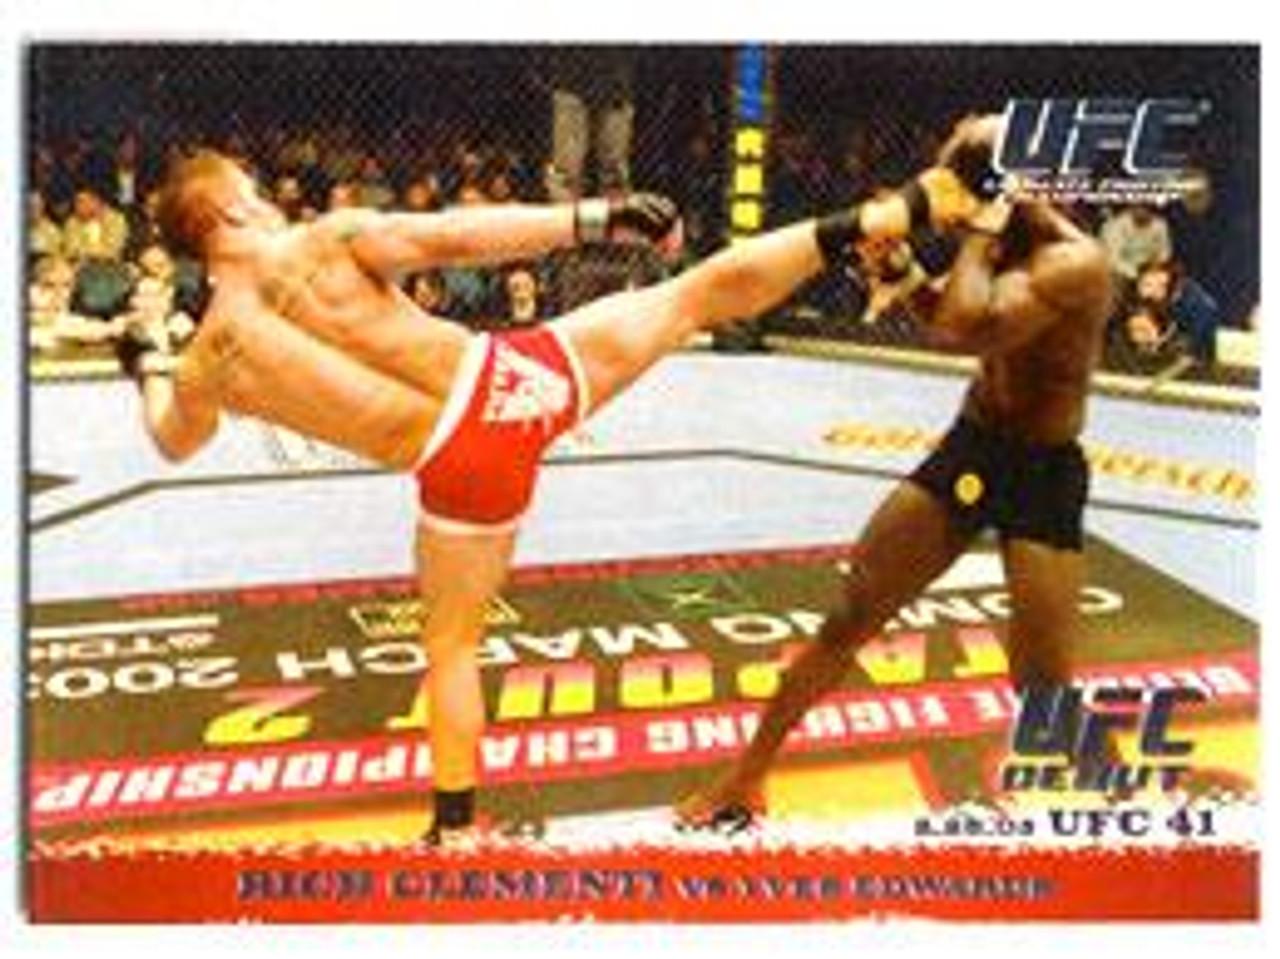 UFC 2009 Round 1 Rich Clementi #13